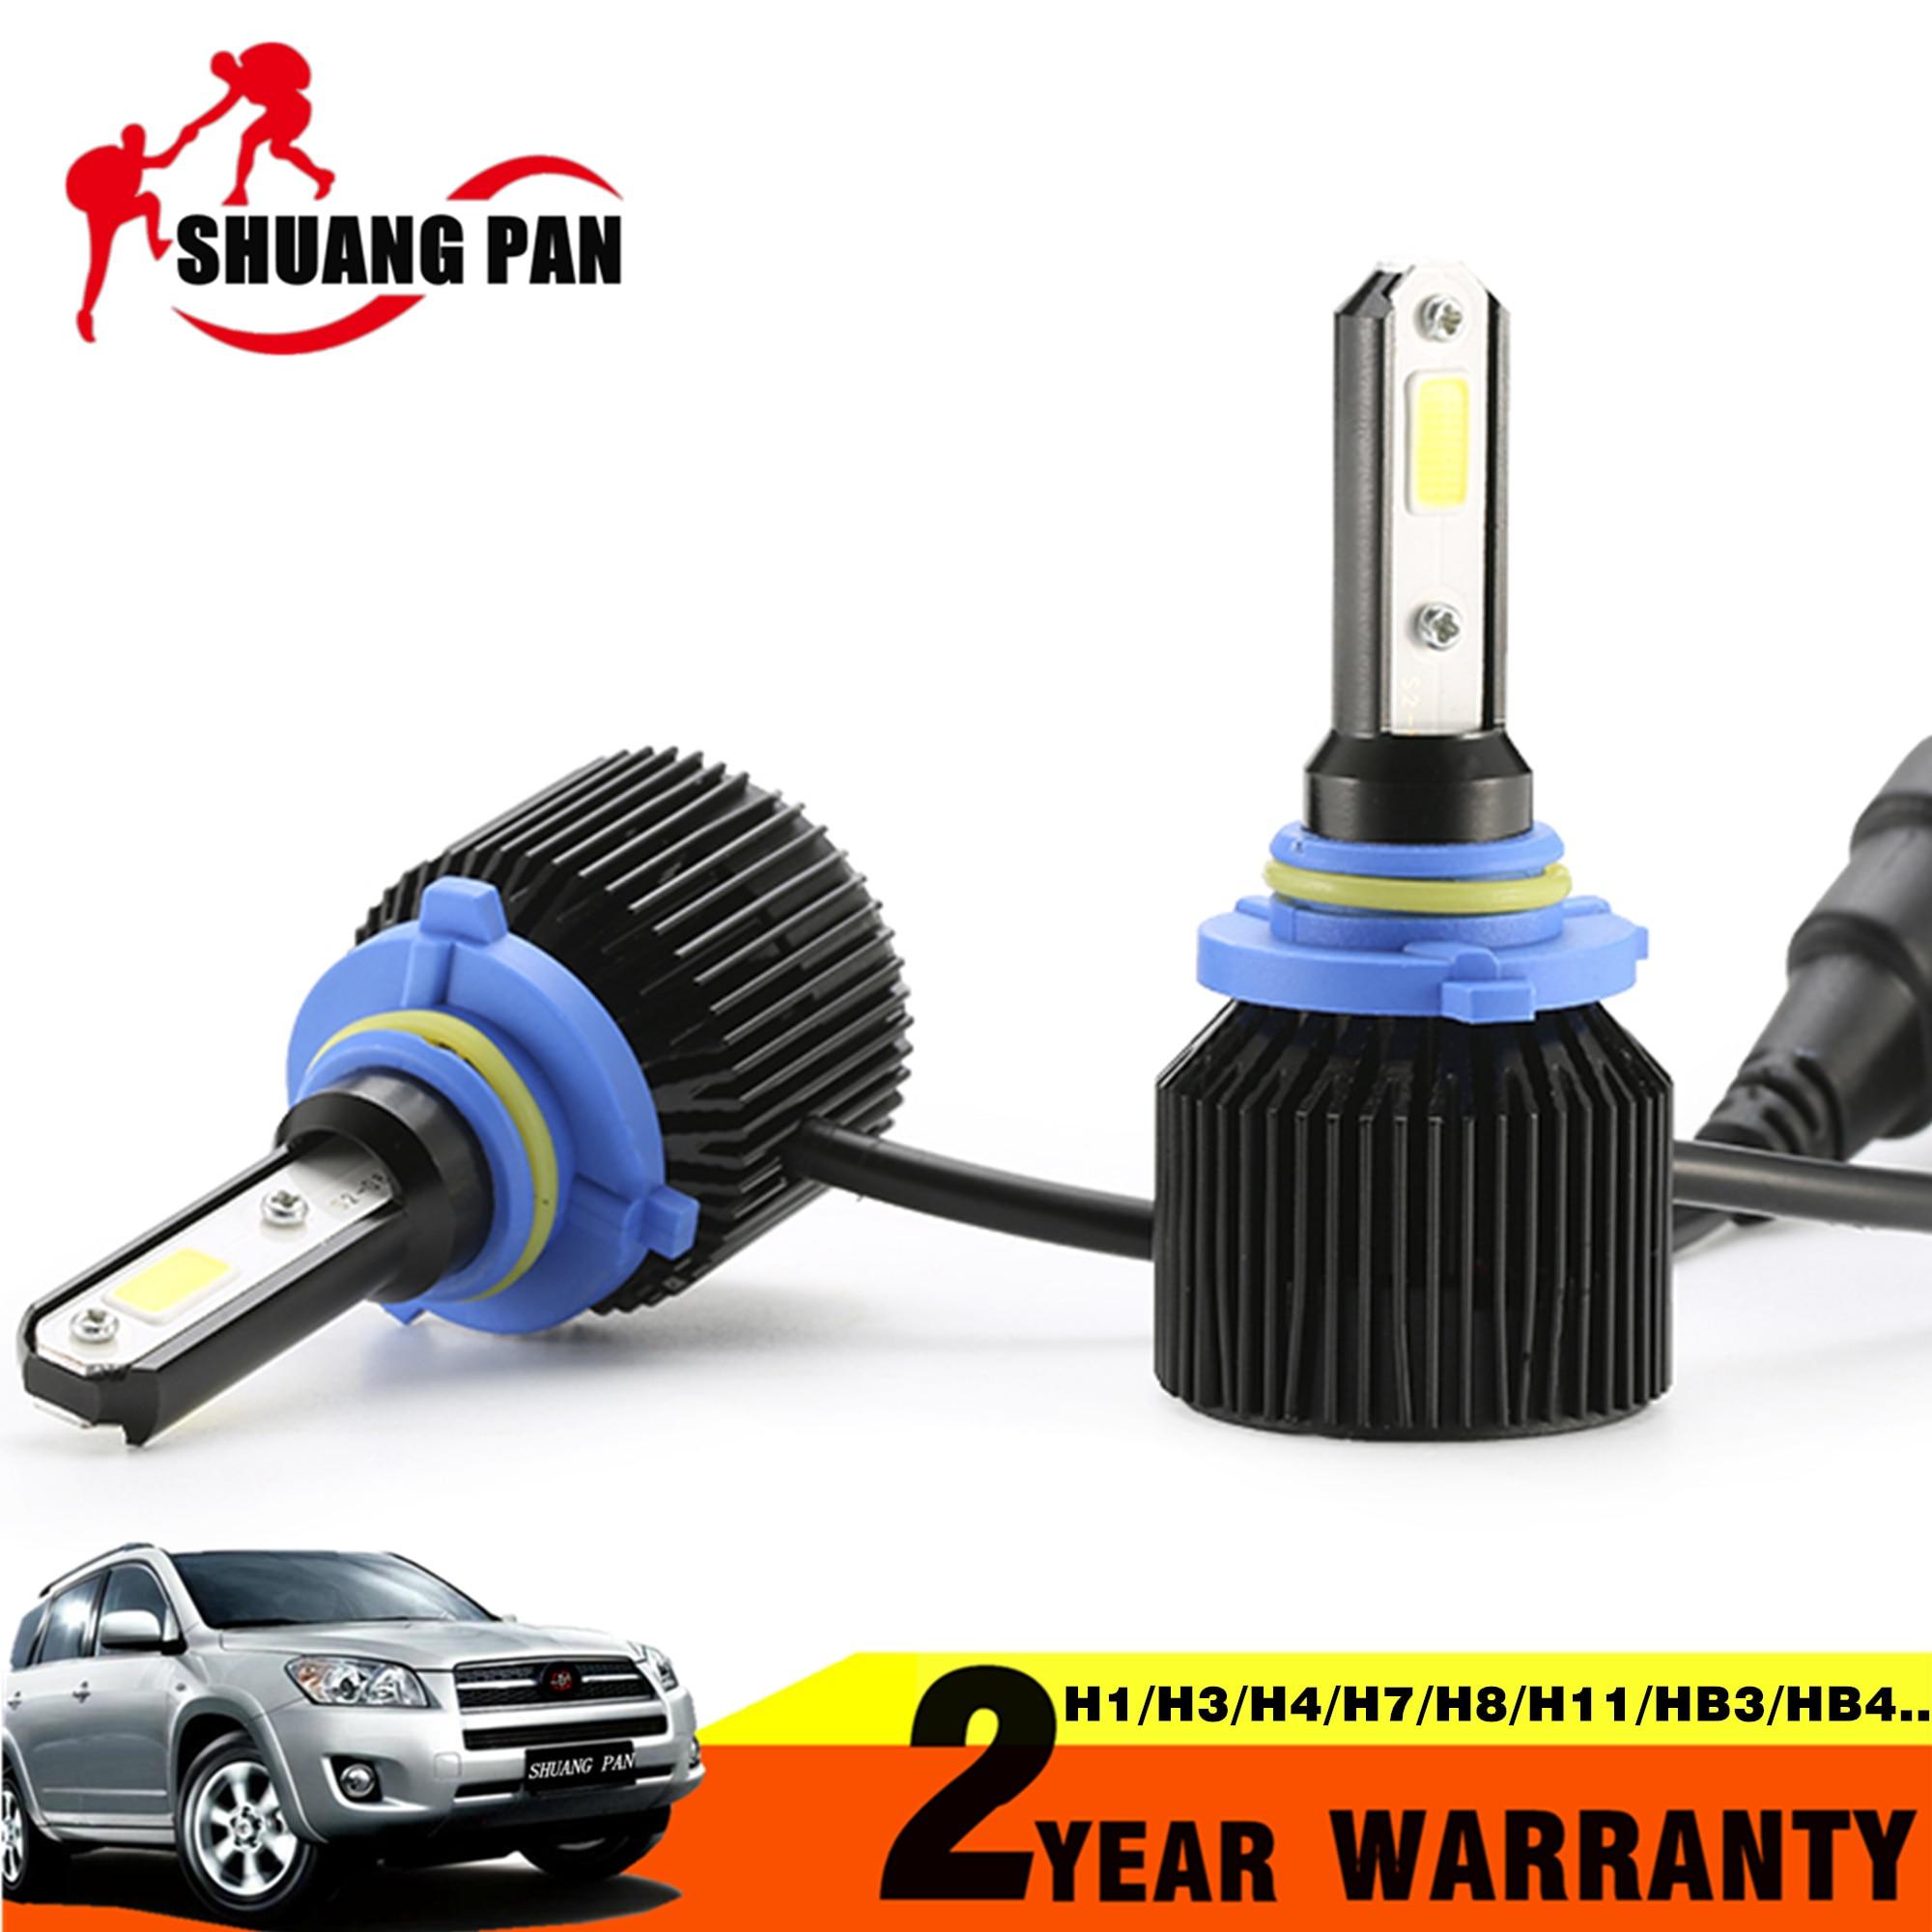 2pcs Car <font><b>LED</b></font> Headlight HB3 9005 HB4 9006 H10 H4 <font><b>H7</b></font> COB 72W 8000LM Car <font><b>LED</b></font> Headlights Bulb Fog Light 6500K 12V <font><b>24V</b></font>